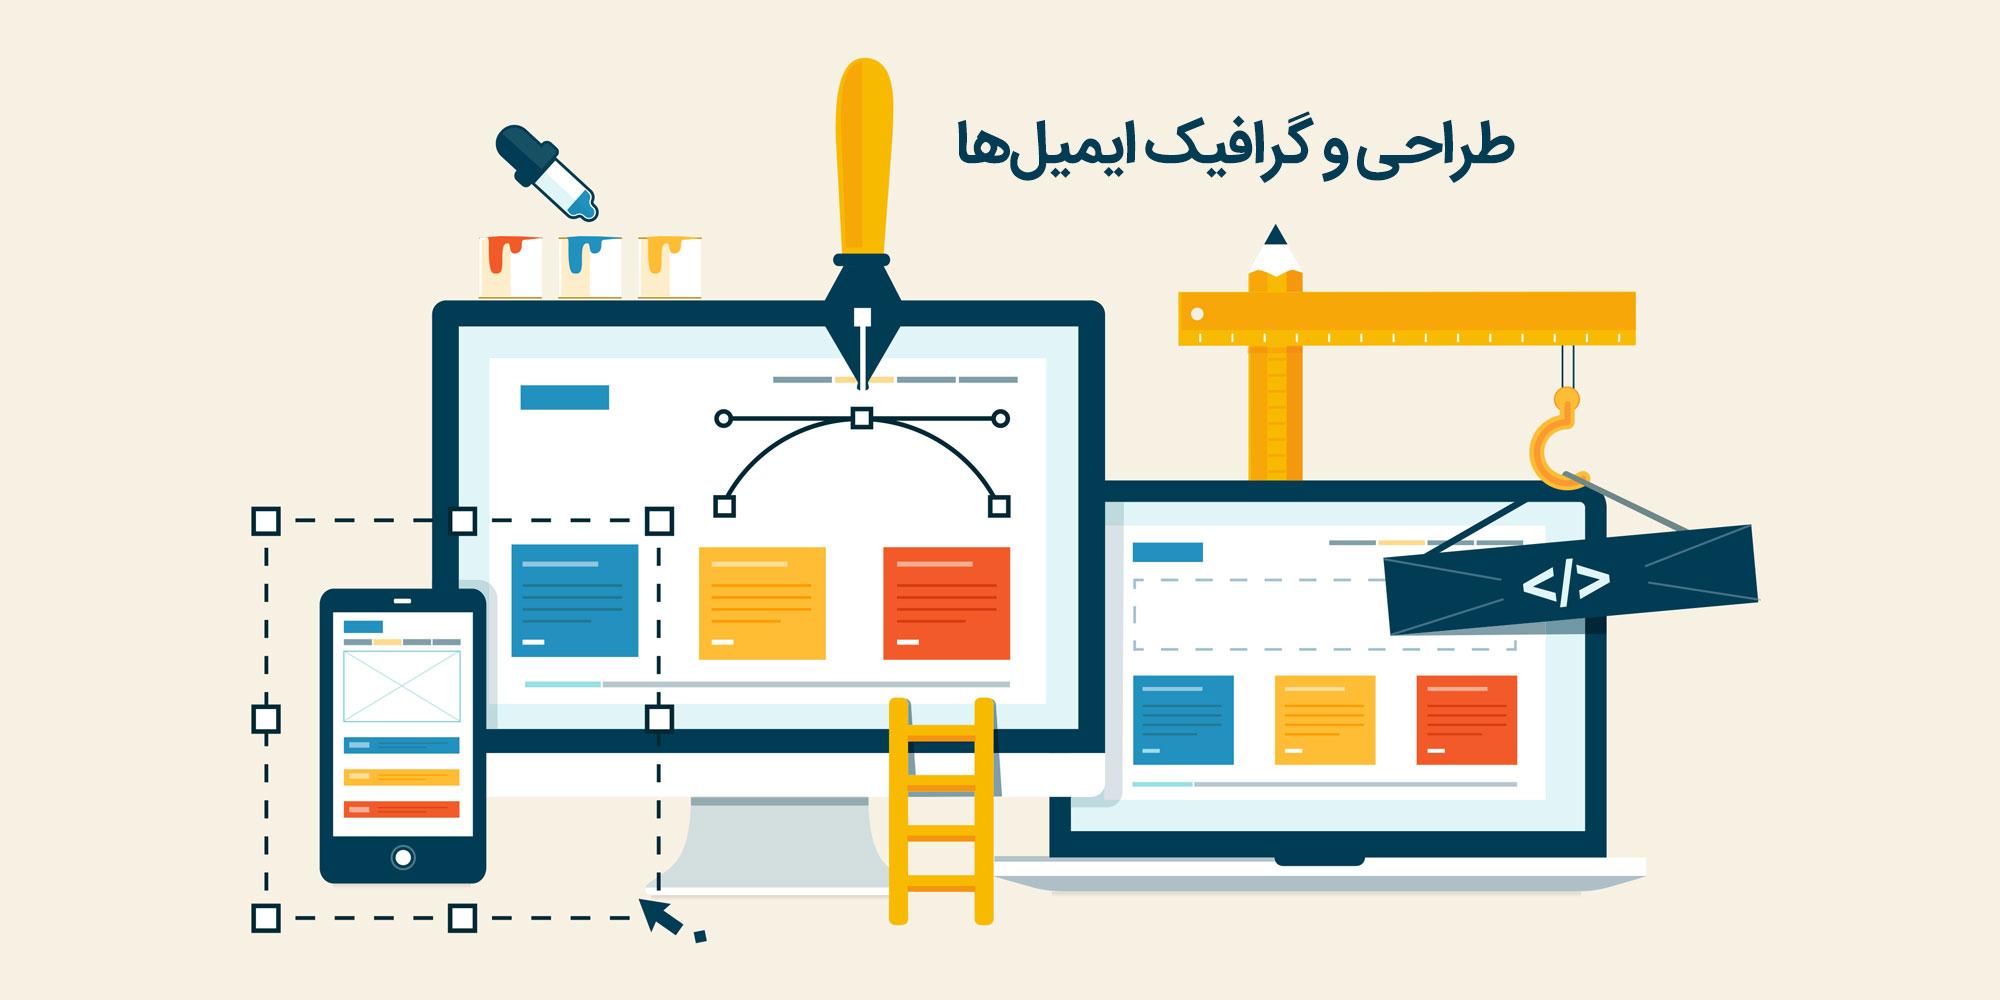 طراحی و گرافیک ایمیل - بازاریابی ایمیلی